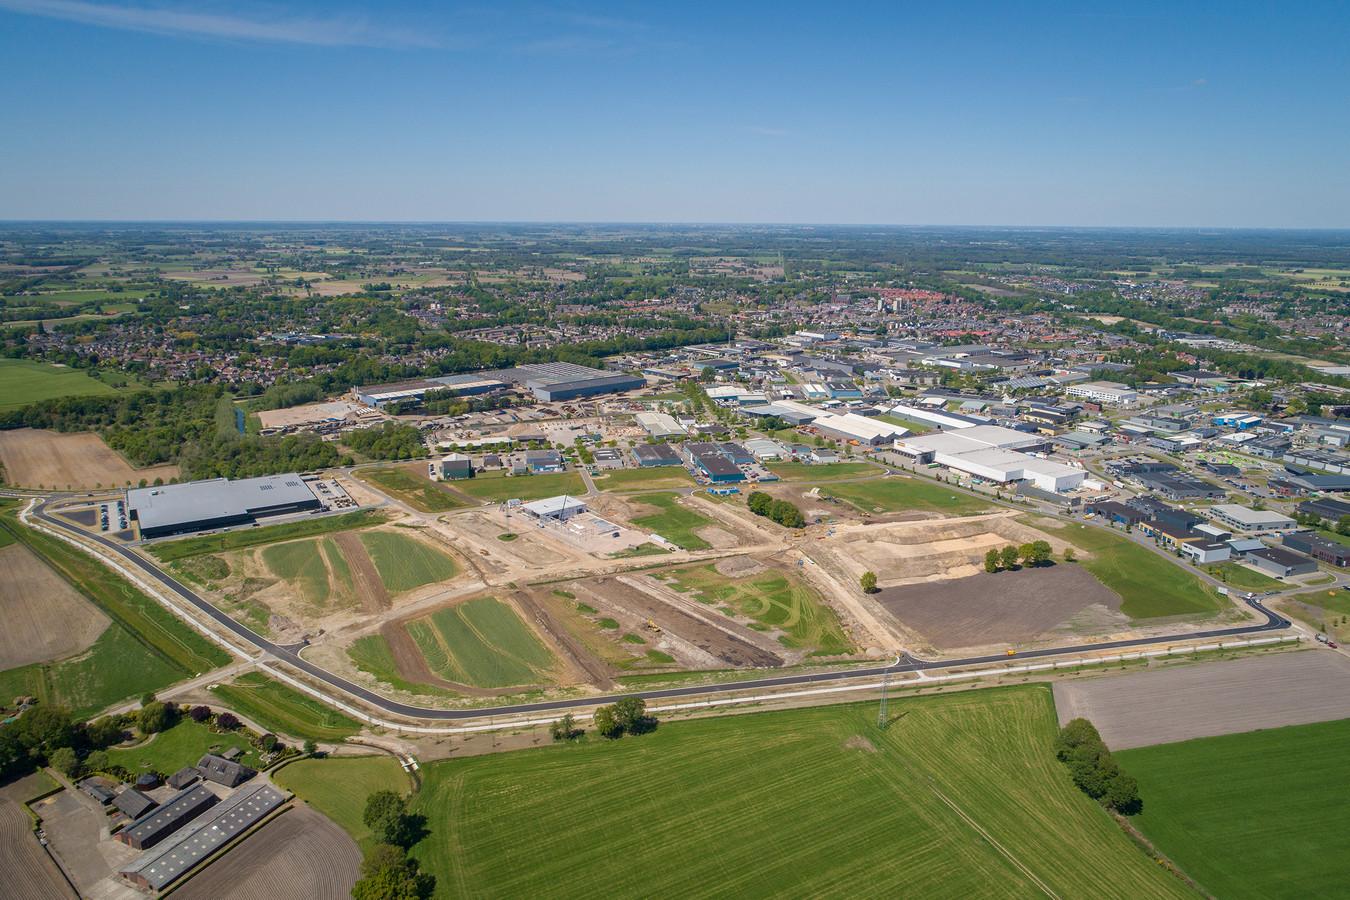 Dronefoto van bedrijventerrein De Zegge VII in Raalte.